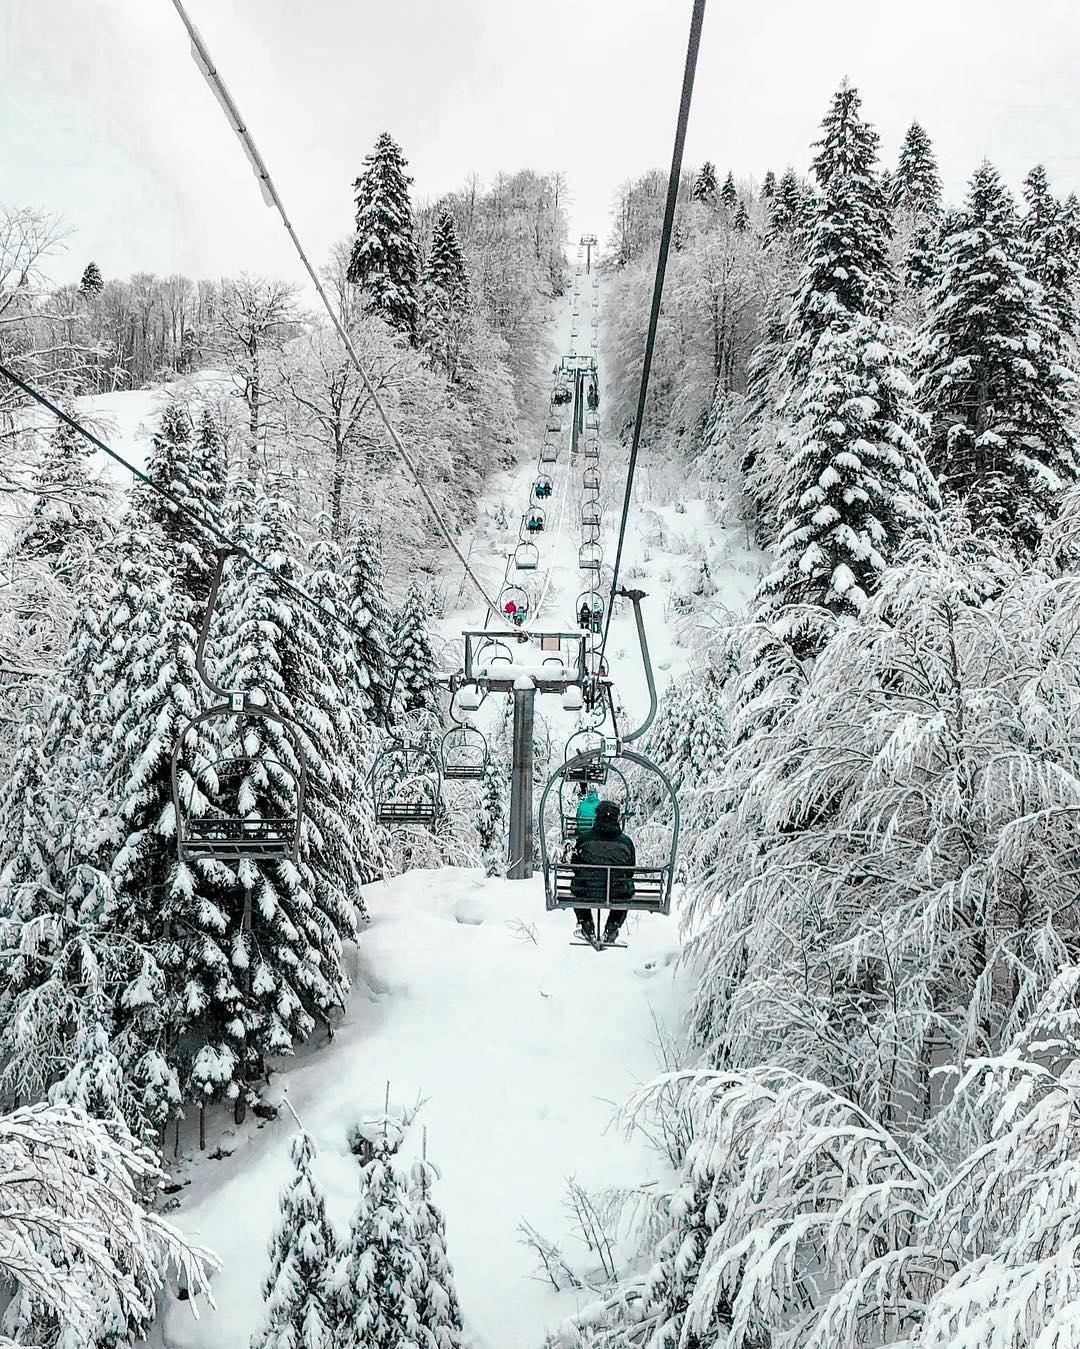 Visina sniježnog pokrivača u crnogorskim ski centrima